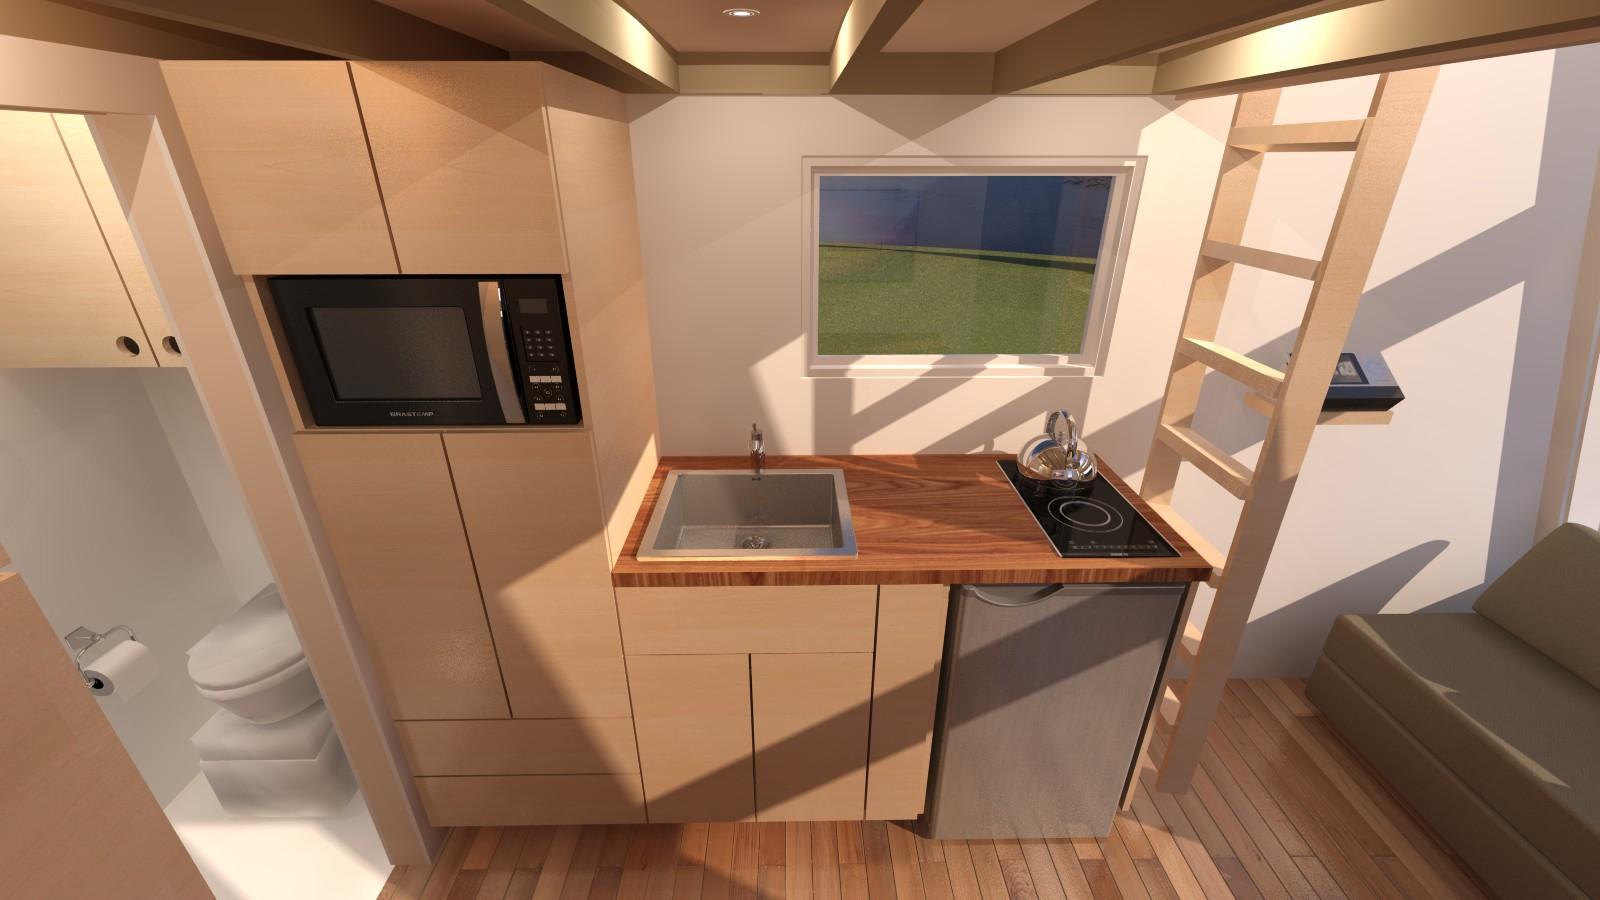 Anchor Bay 16 Tiny House - Kitchen